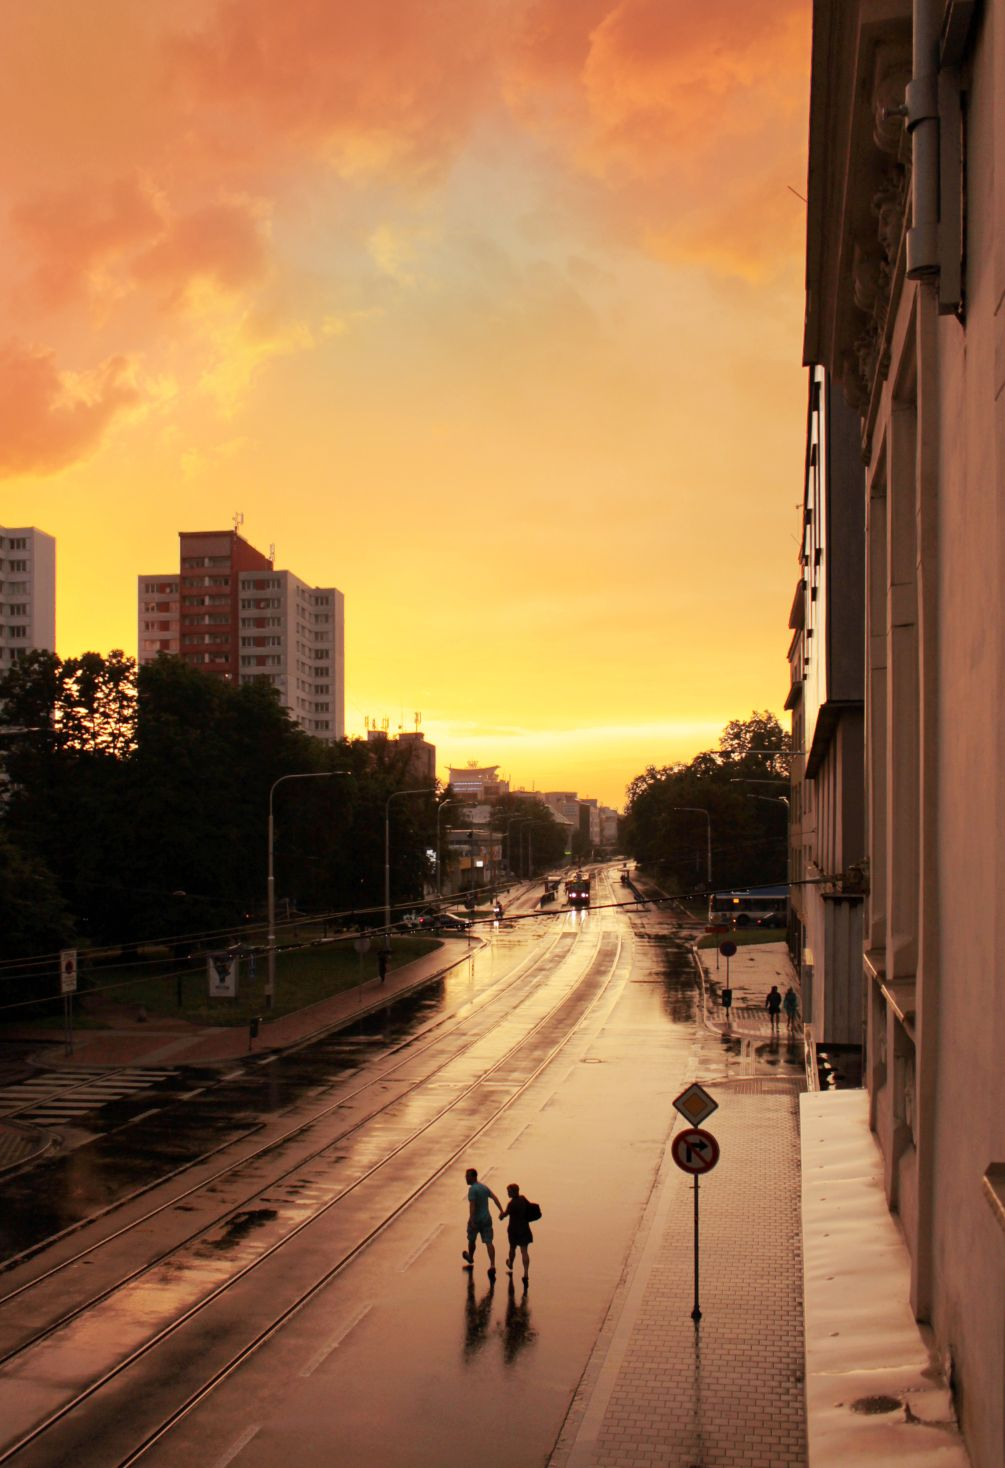 俄斯特拉发,城市,雨,湿,黎明,云,天堂,天空,房屋,人,浪漫,滴剂,下雨了,湿气